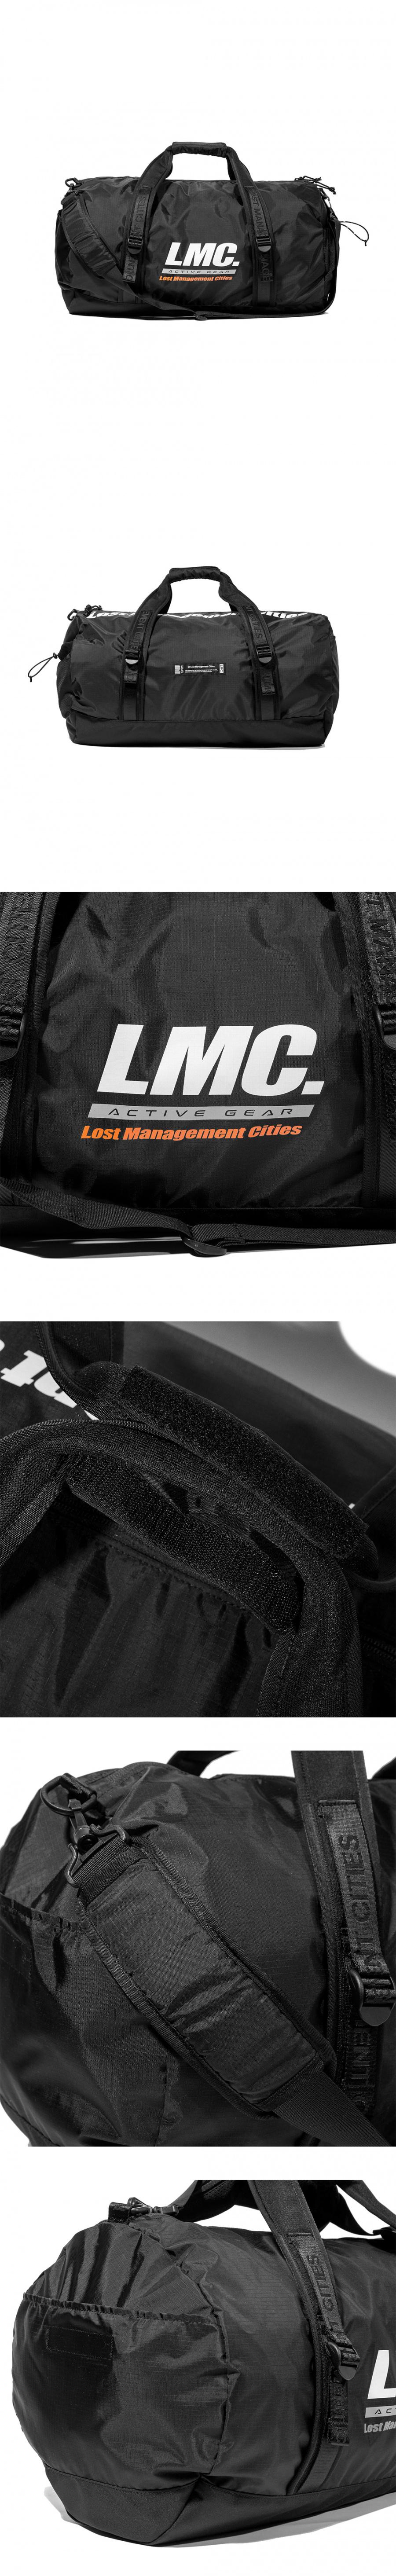 엘엠씨(LMC) LMC ACTIVE PACKABLE DUFFLE BAG black